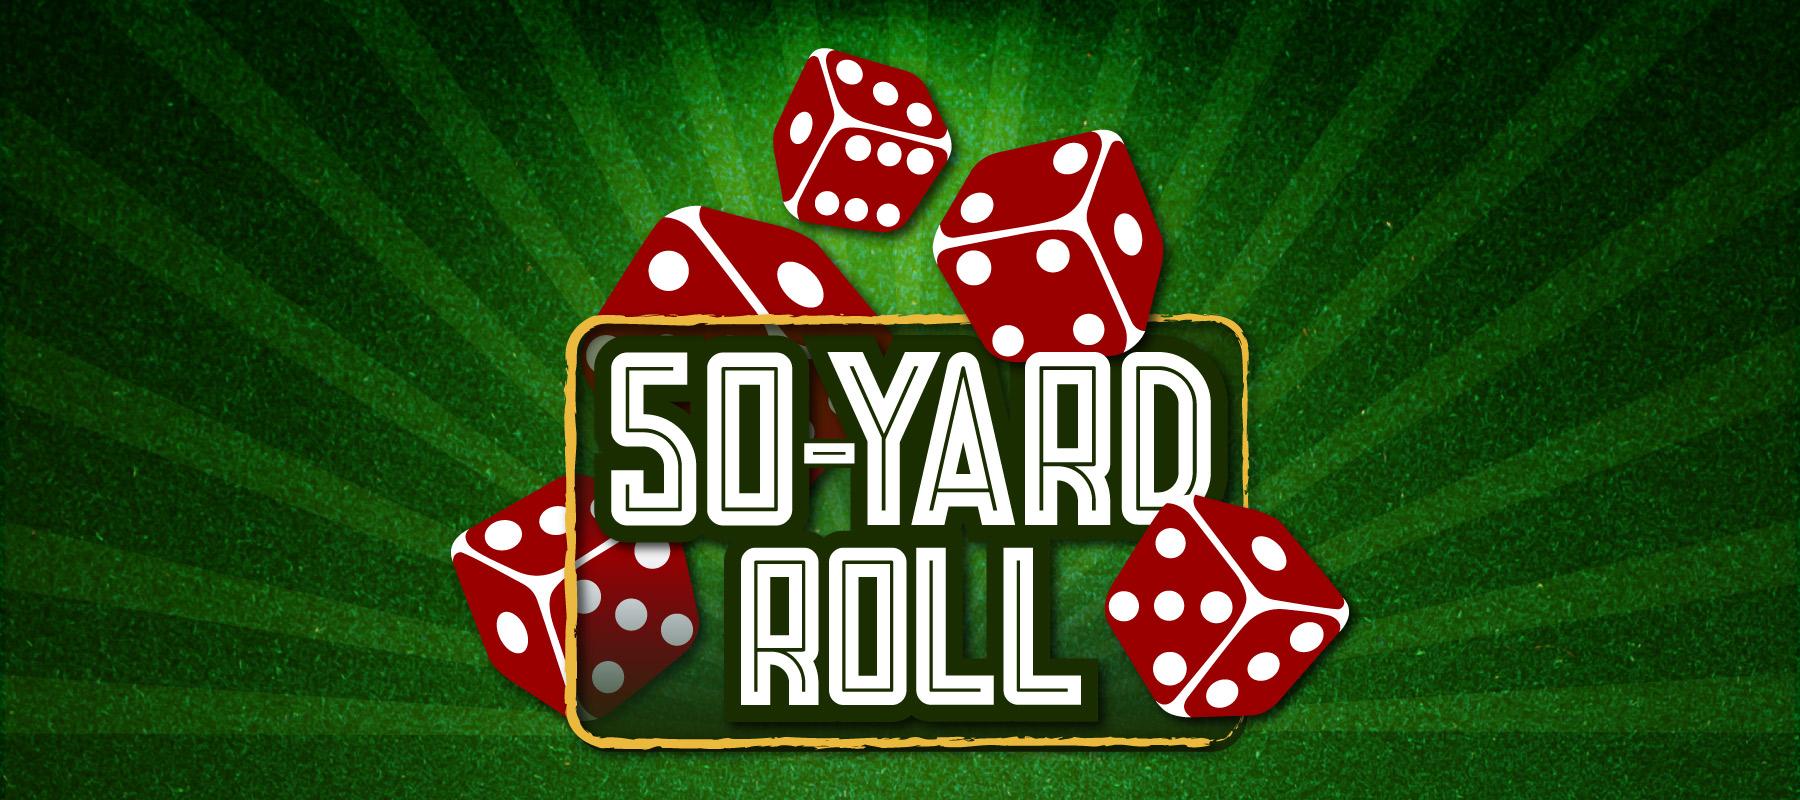 50 Yard Roll